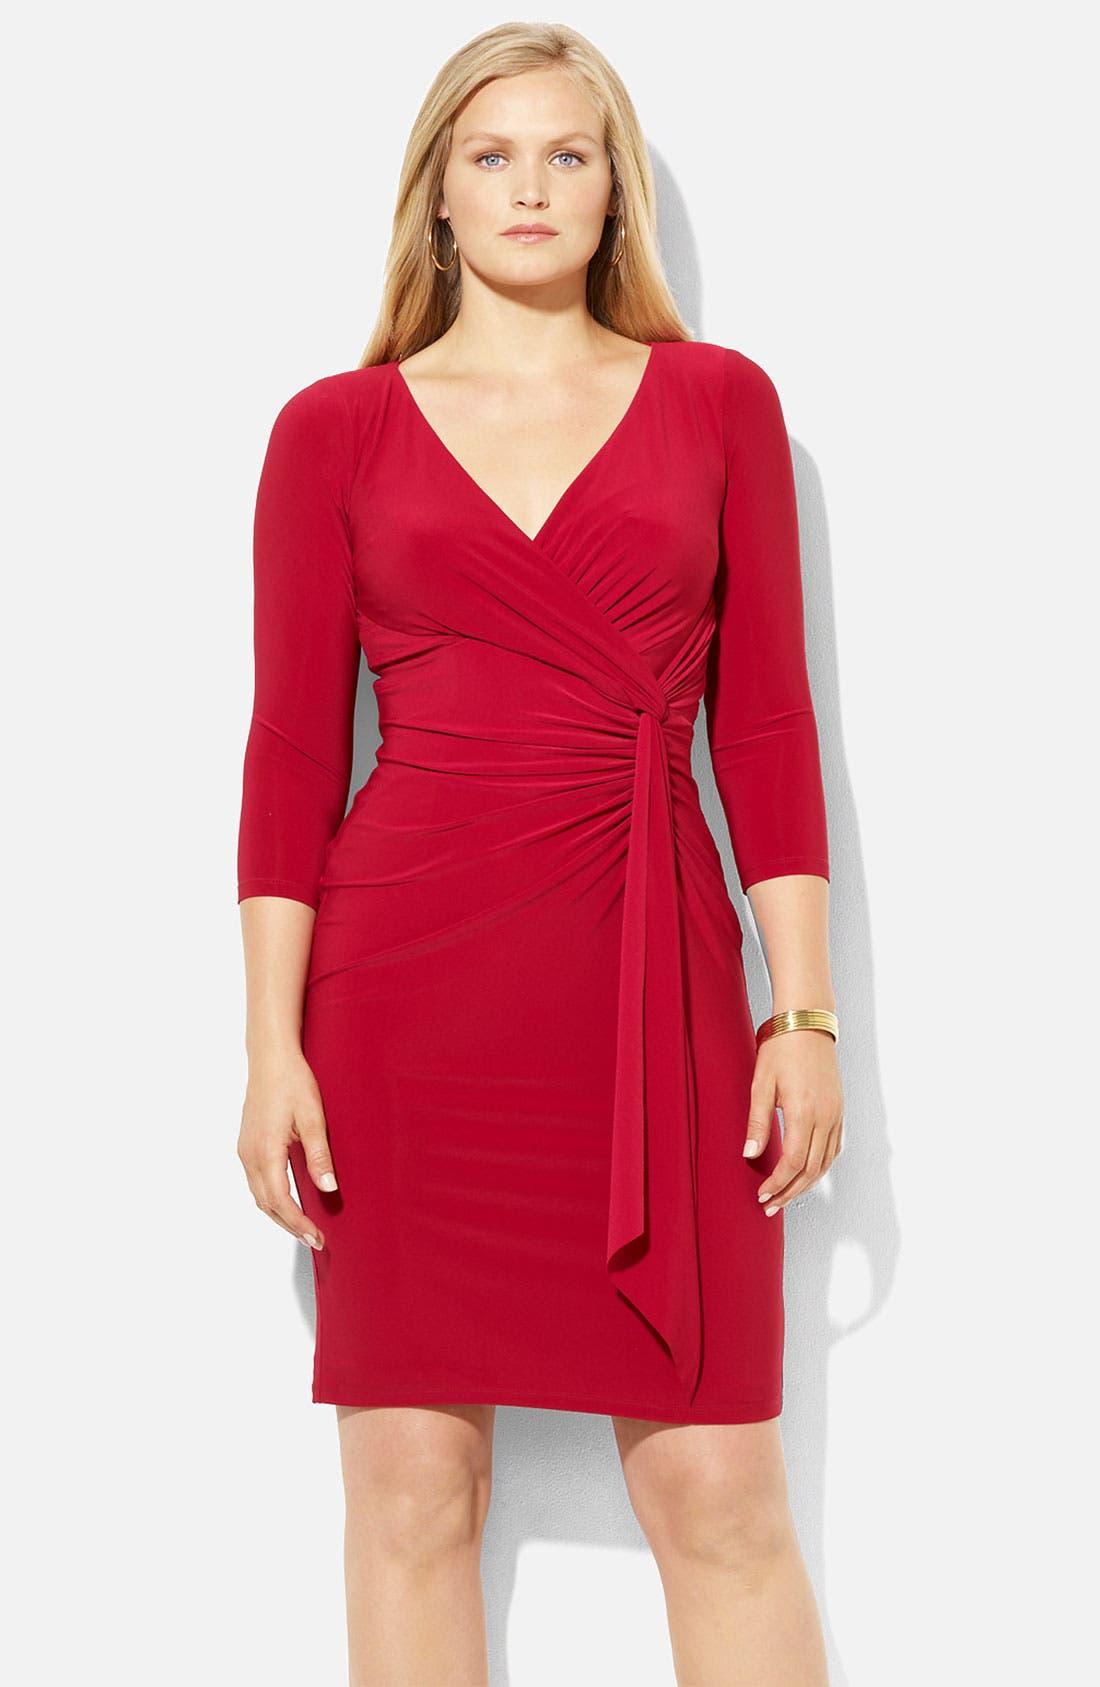 Alternate Image 1 Selected - Lauren Ralph Lauren Surplice Jersey Sheath Dress (Plus)